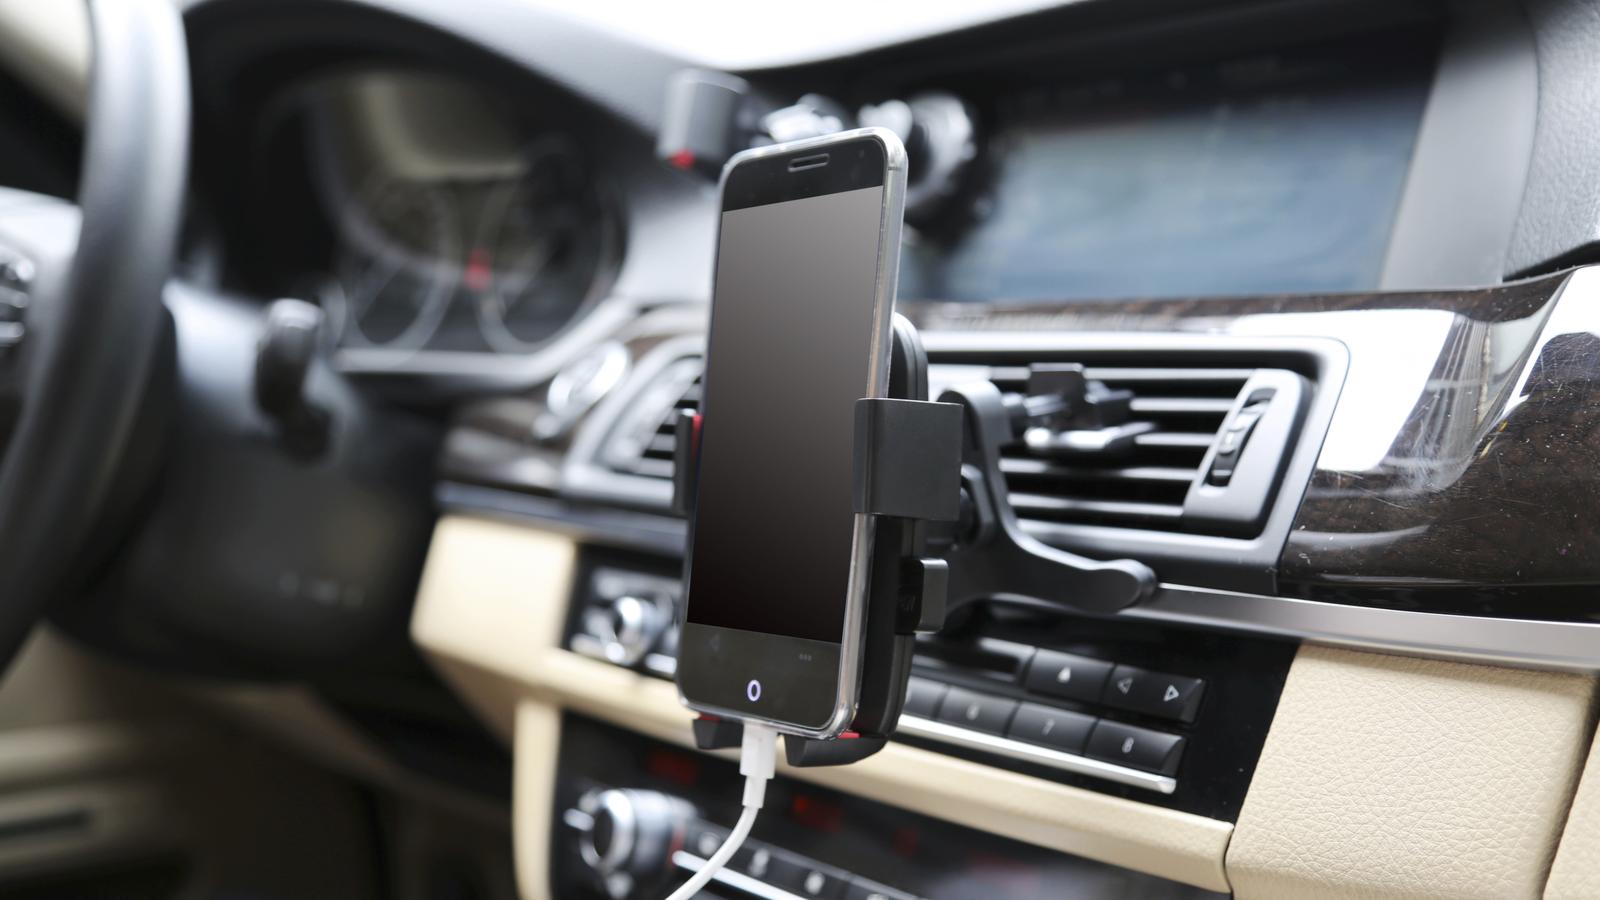 Giá đỡ đa năng cho điện thoại thông minh trên xe hơi